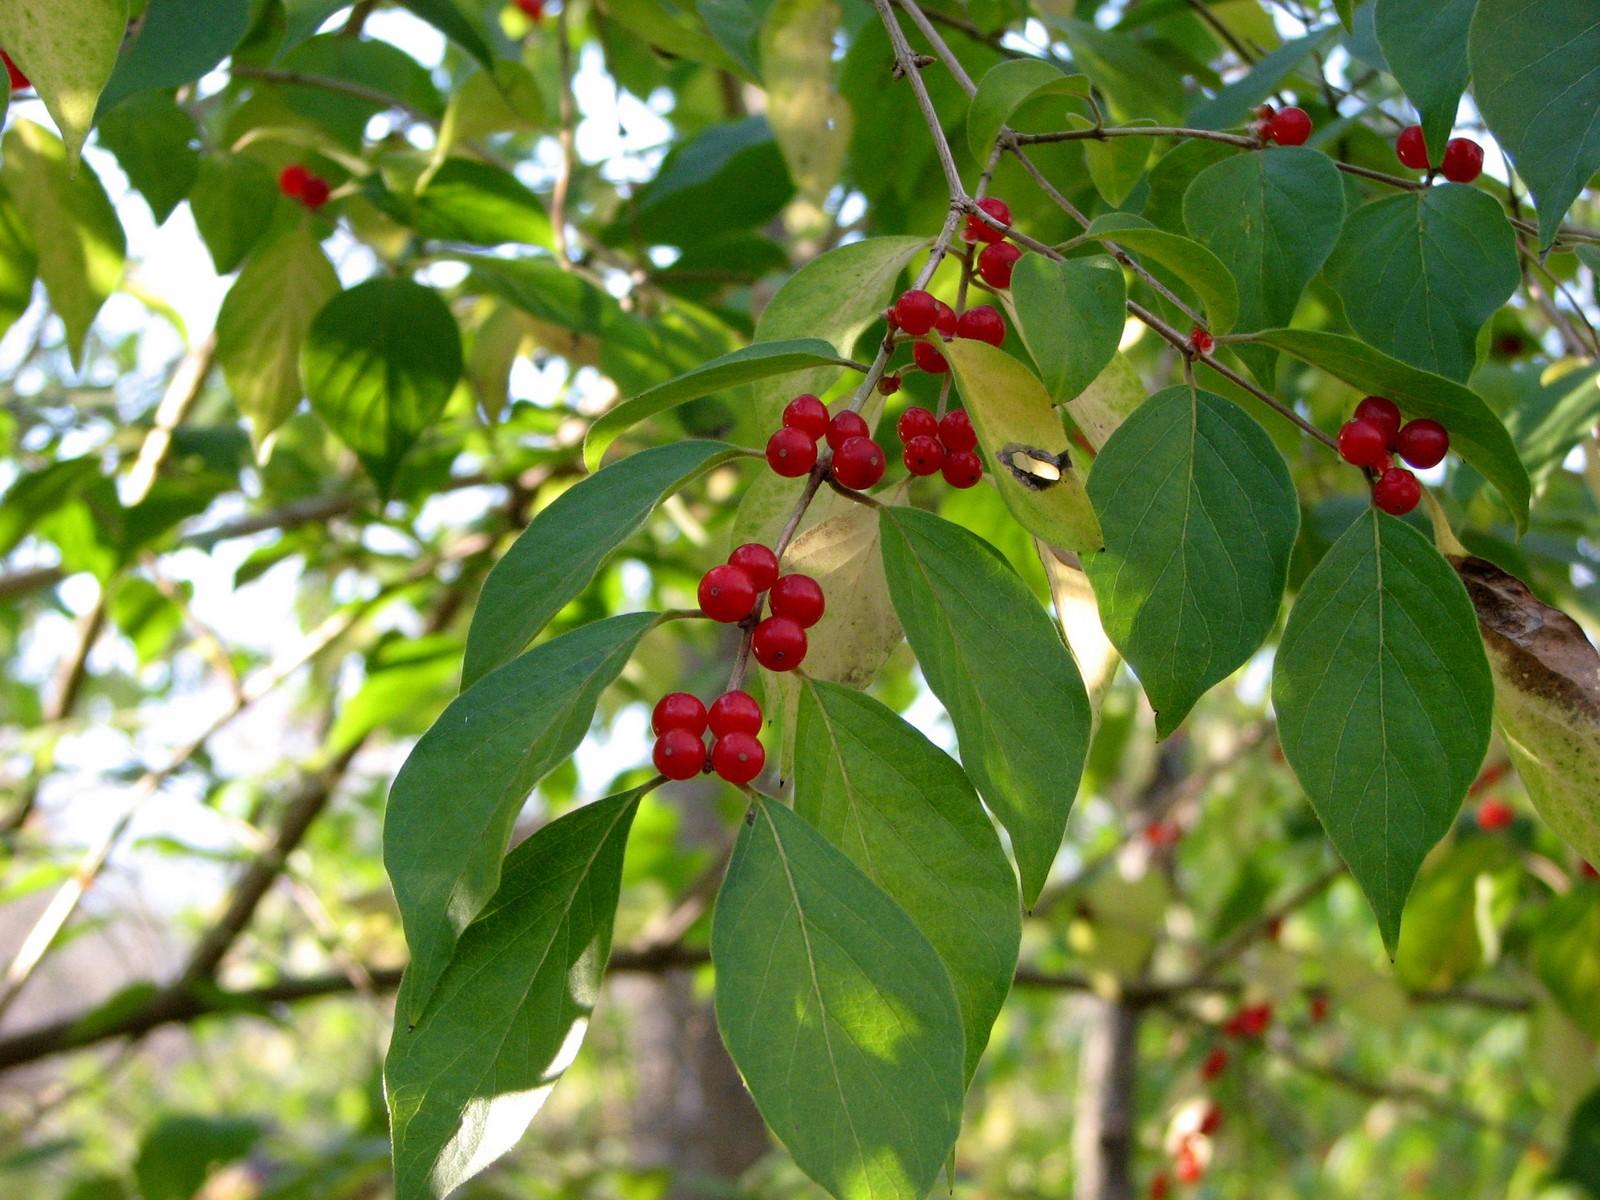 2007110316374603 red Amur honeysuckle (Lonicera maackii) berries - Oakland Co.JPG